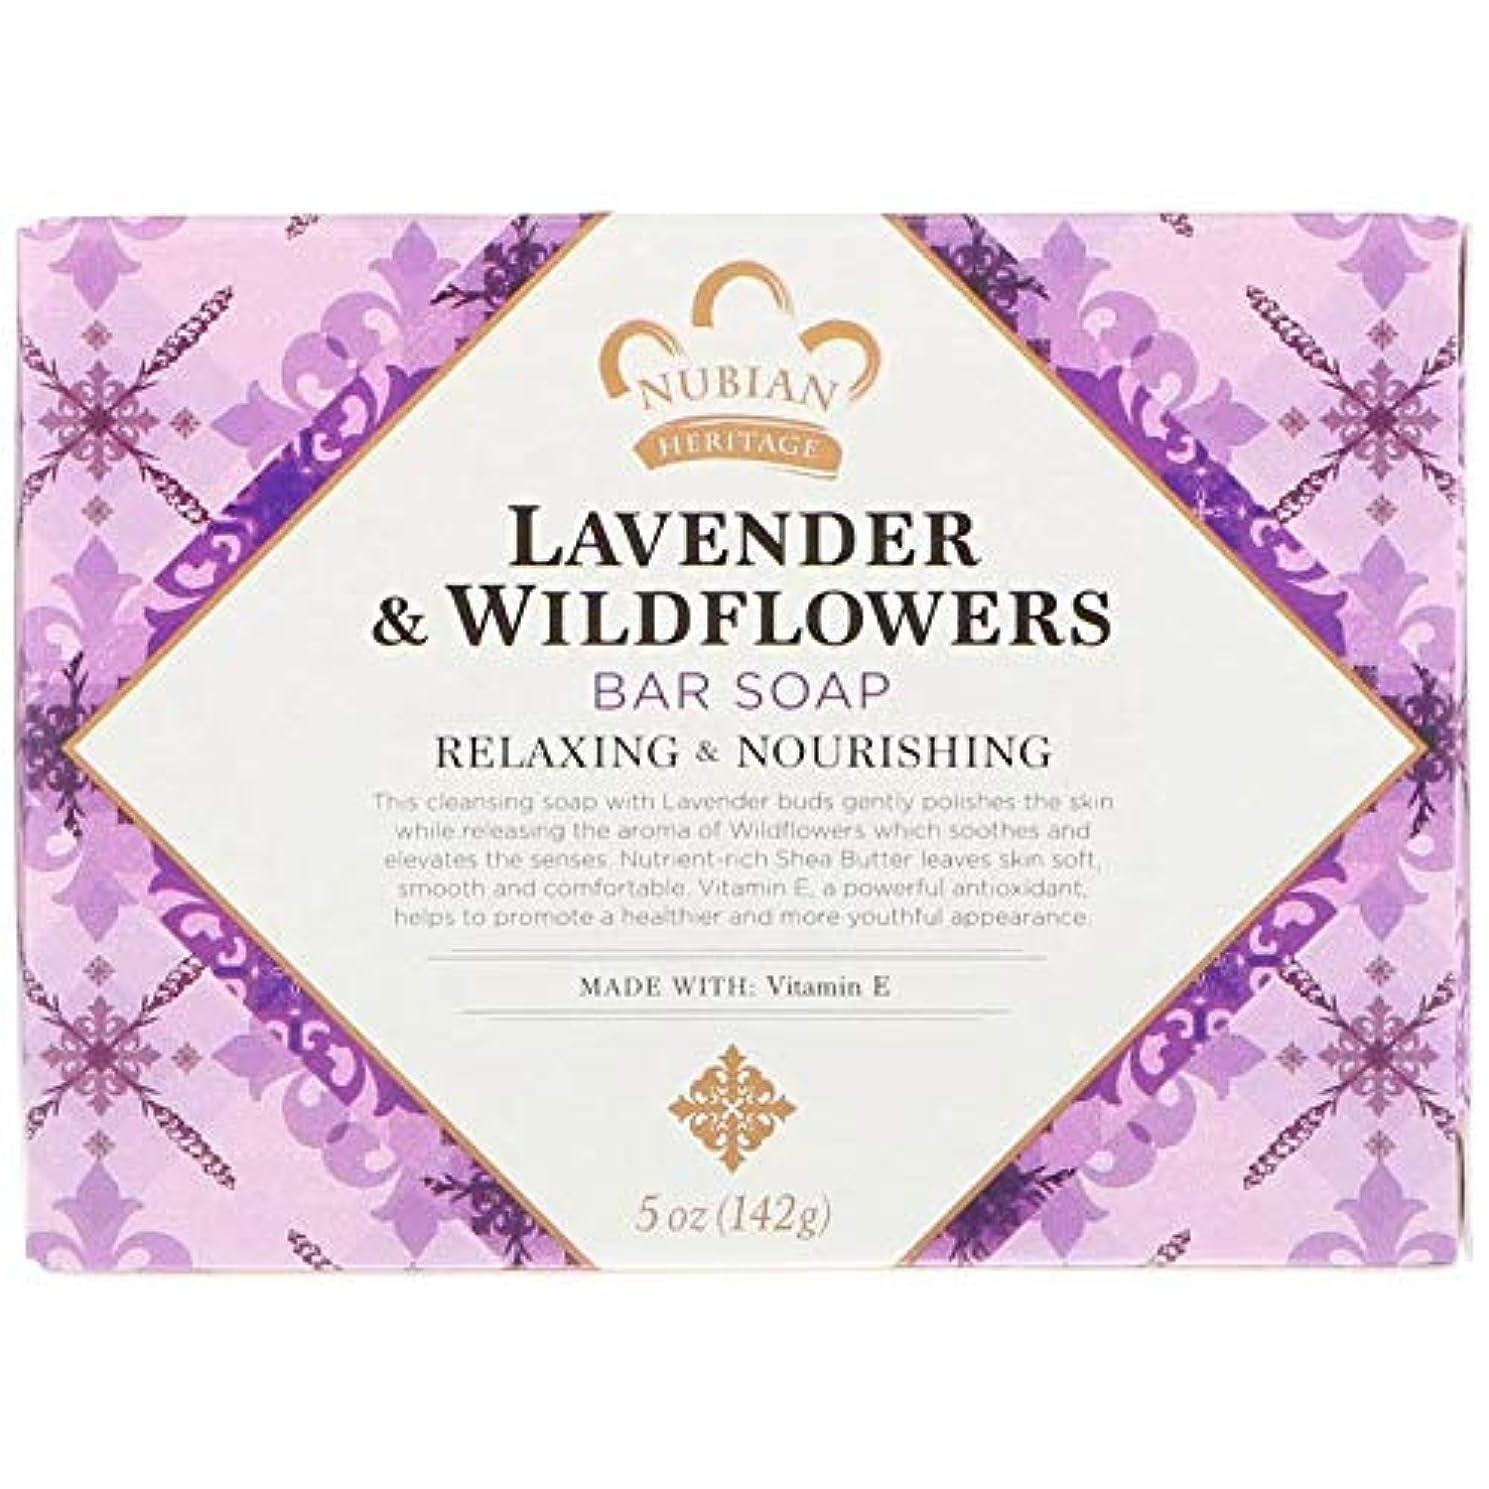 ドライバ有名なかすかなシアバターソープ石鹸 ラベンダー&ワイルドフラワー Lavender & Wildflowers Bar Soap, 5 oz (142 g) [並行輸入品]